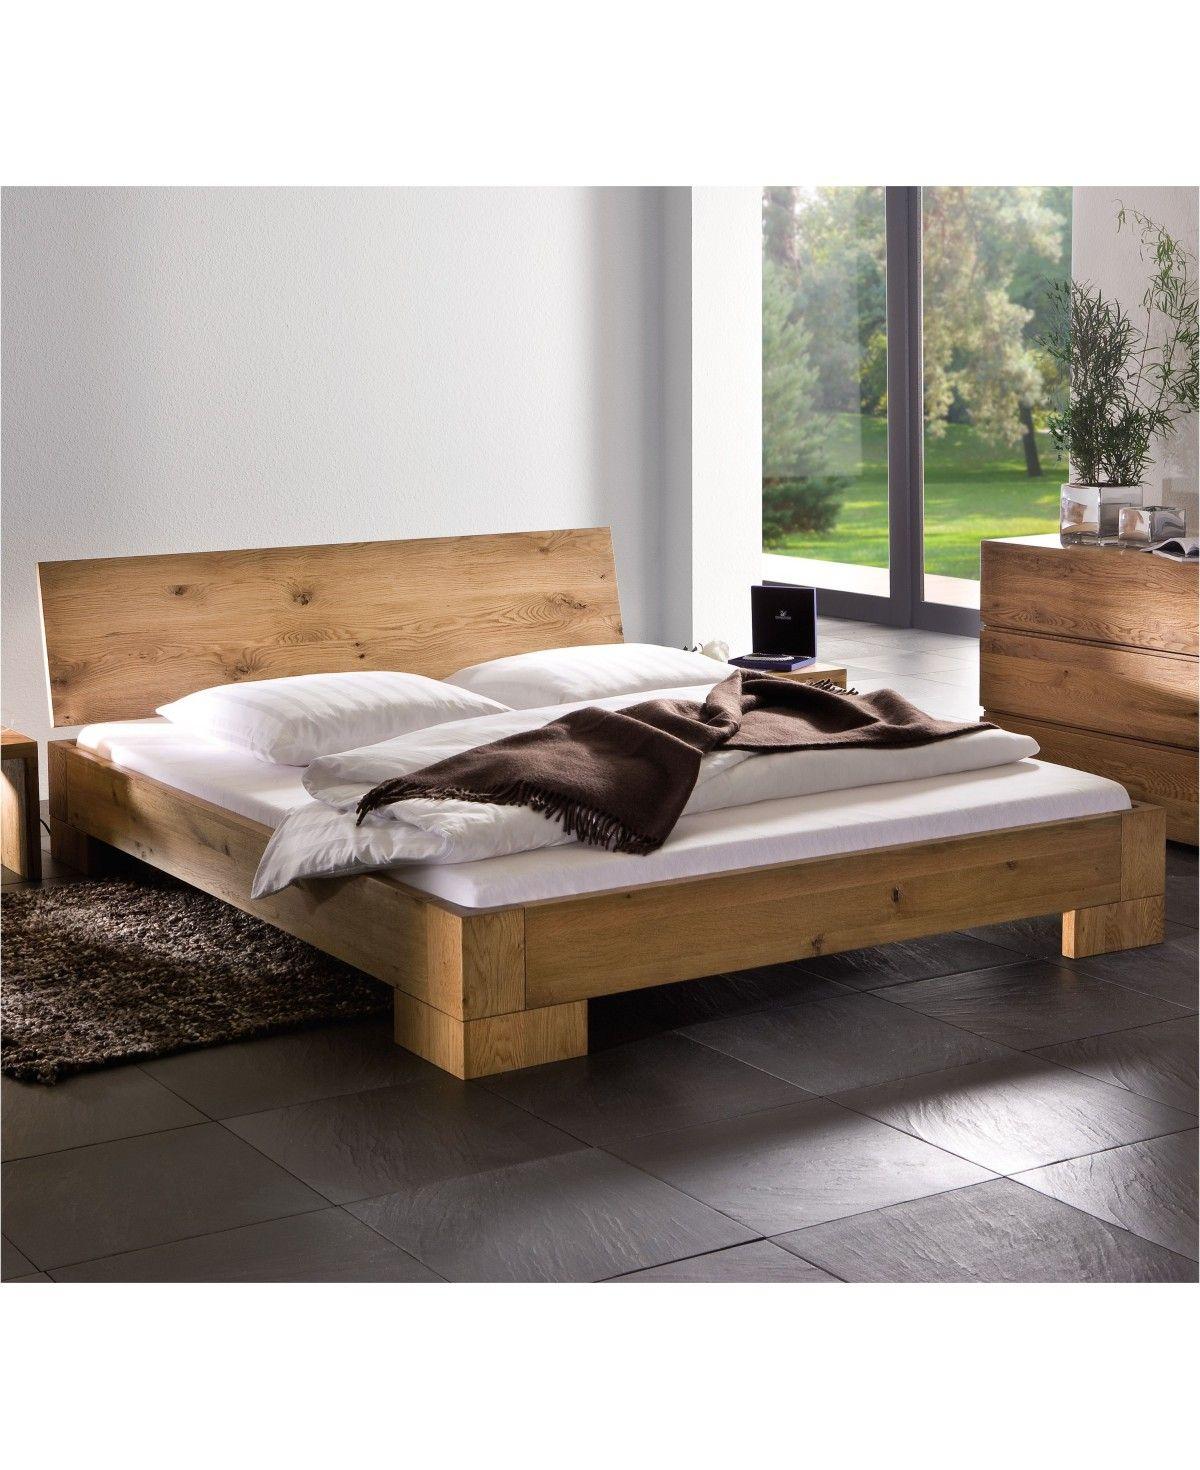 Hasena Oak Line Bett Varus Füße Vaco Massiv Eiche Natur 180x200